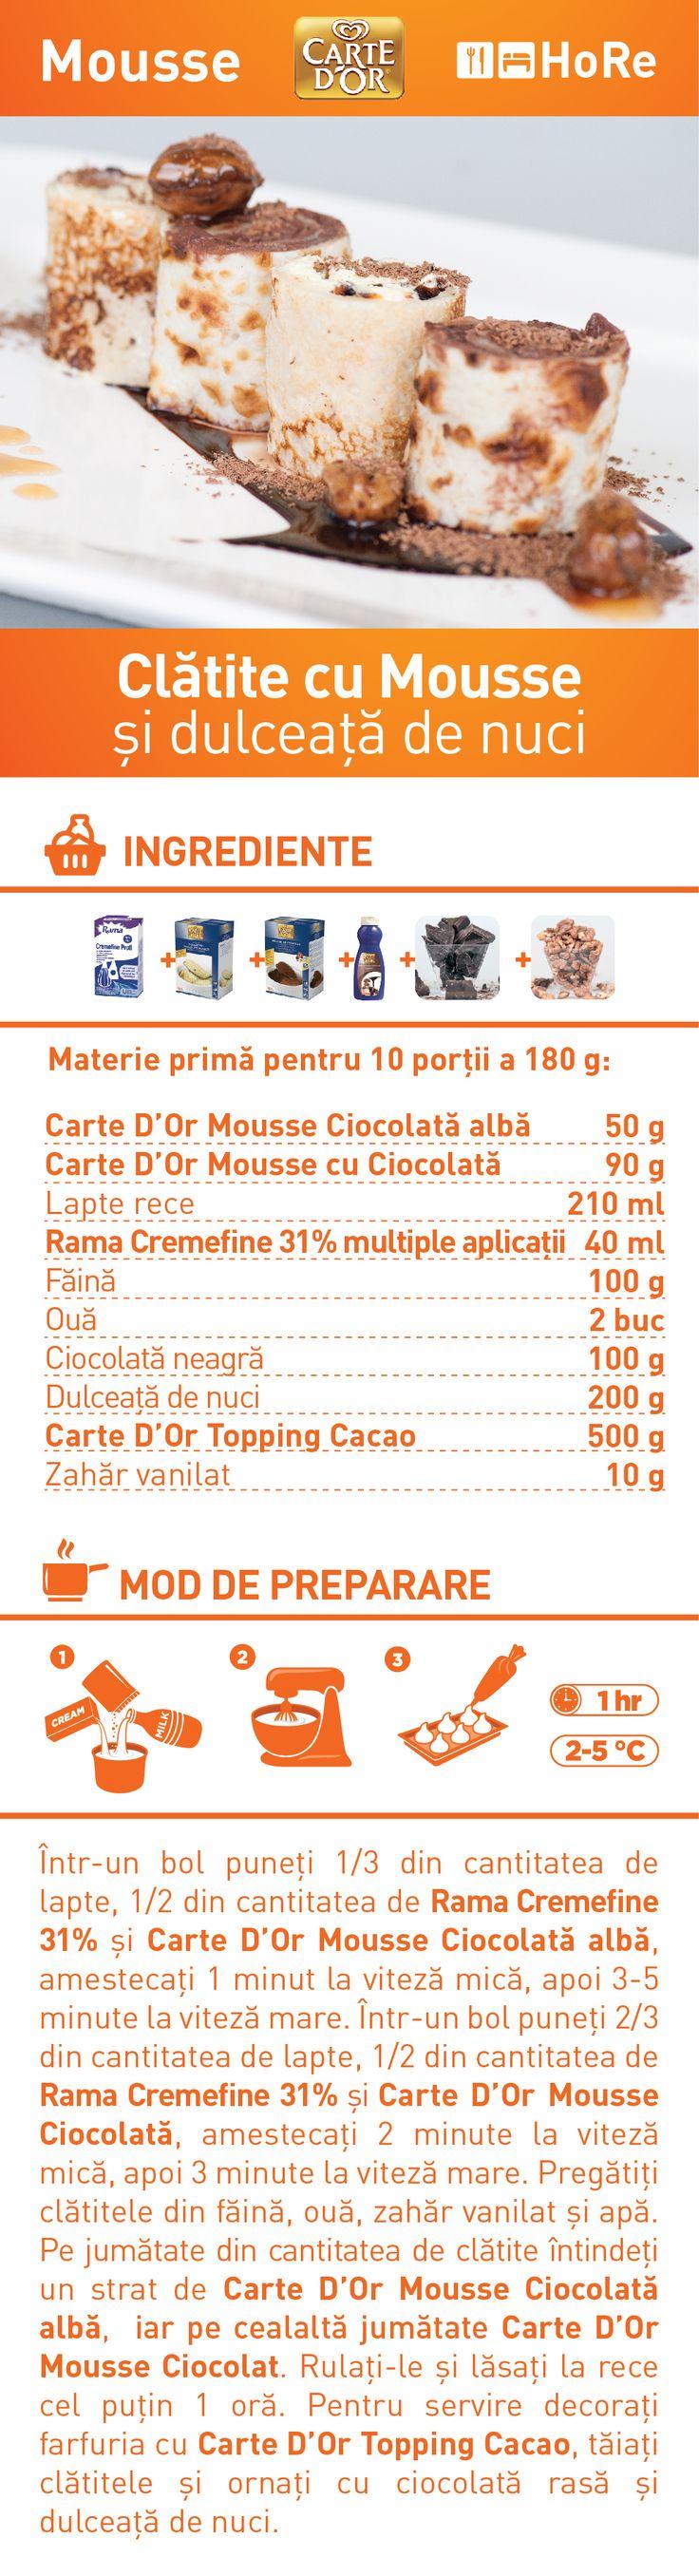 Clatite cu Mousse si dulceata de nuci - RETETA